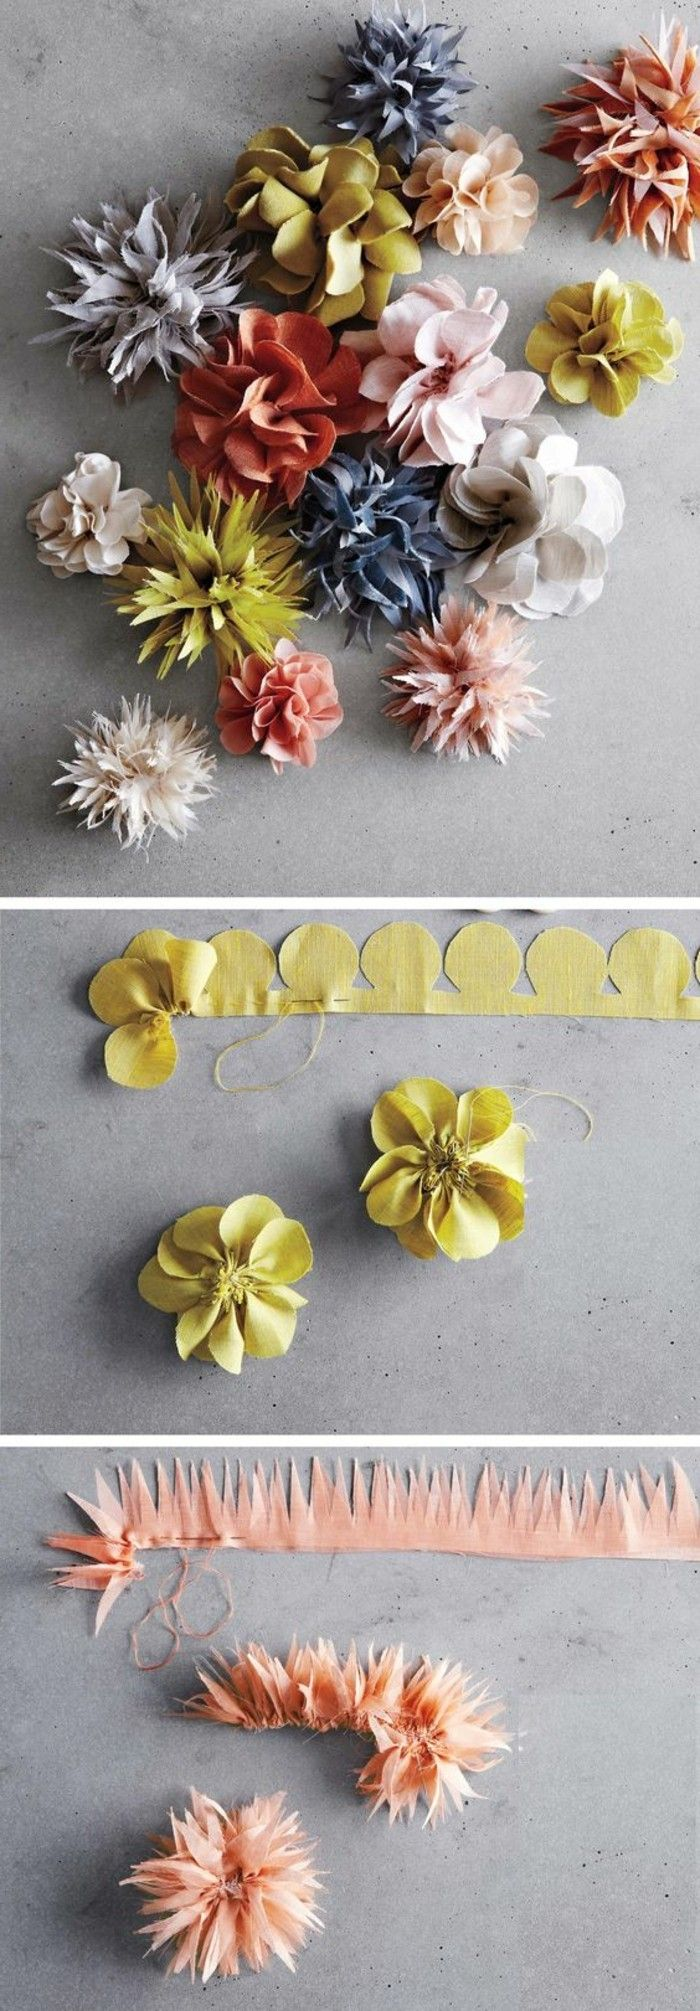 fleur en tissu tuto, deux façons différents pour fabriquer une fleur DIY et constituer une guirlande de fleurs